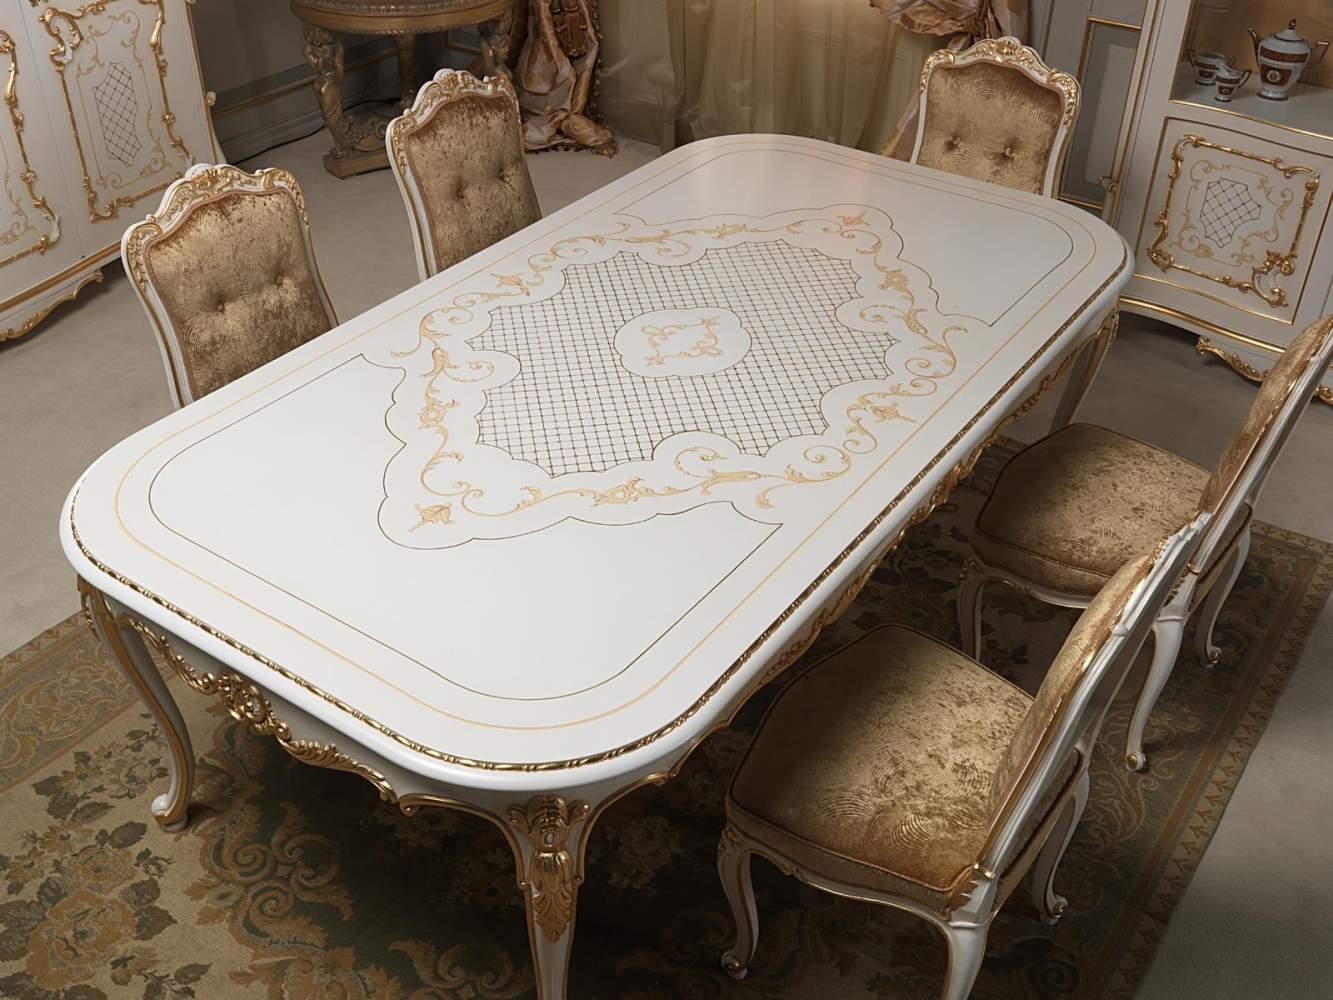 Tavolo Da Pranzo In Stile Luigi XV Con Ricchi Intagli Eseguiti A Mano  #8A6441 1333 1000 Sala Da Pranzo Luce Calda O Fredda